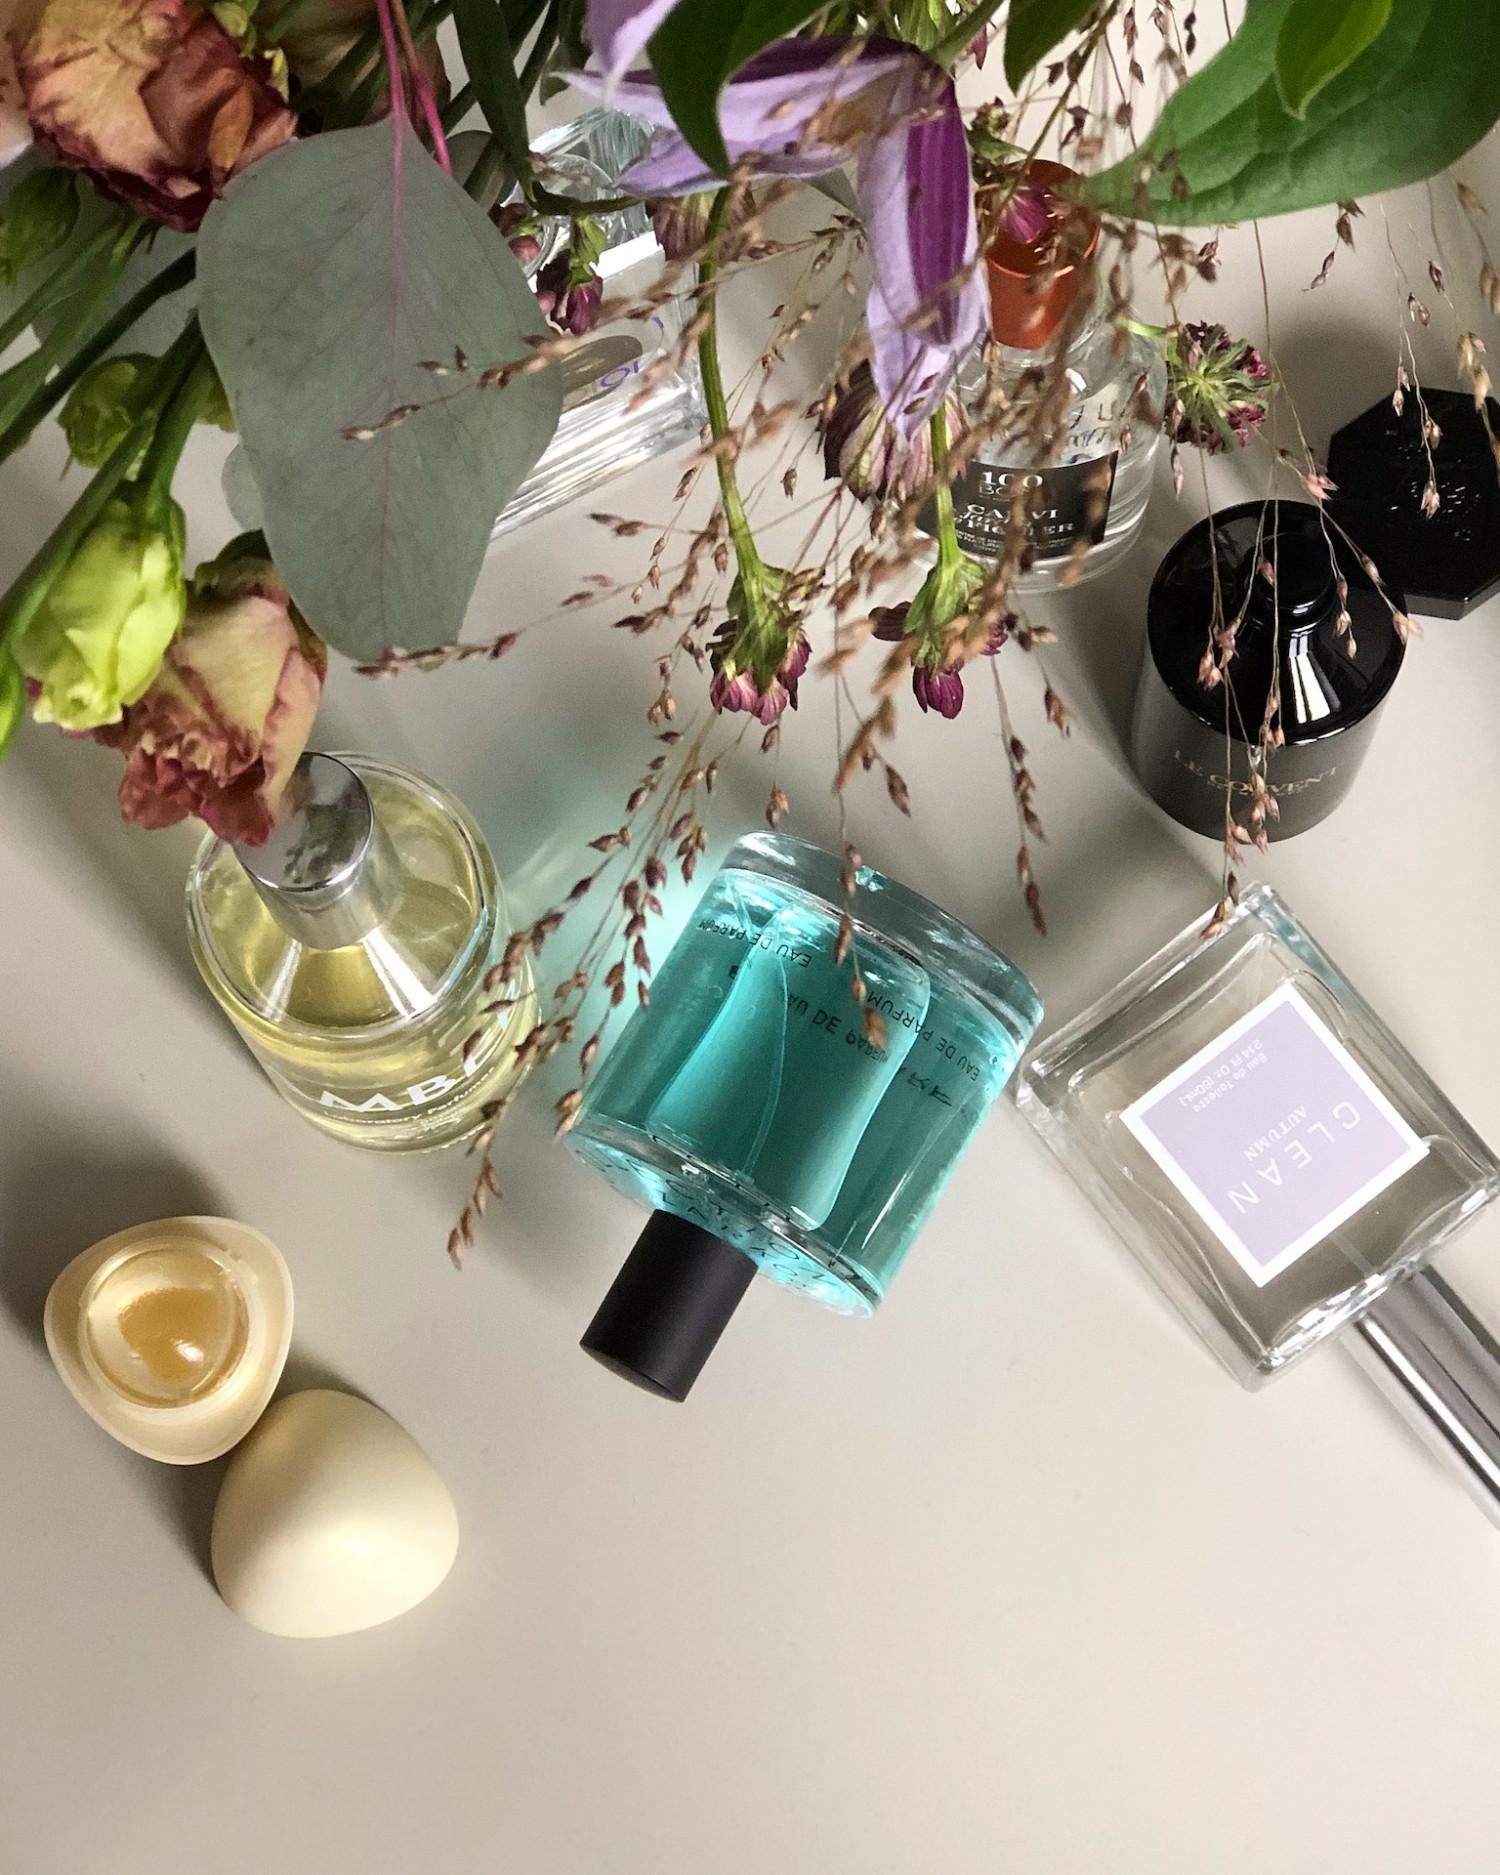 zarkoperfume escentric molecules clean perfume le couvent 100bon dufte juleønsker urbannotes.dk